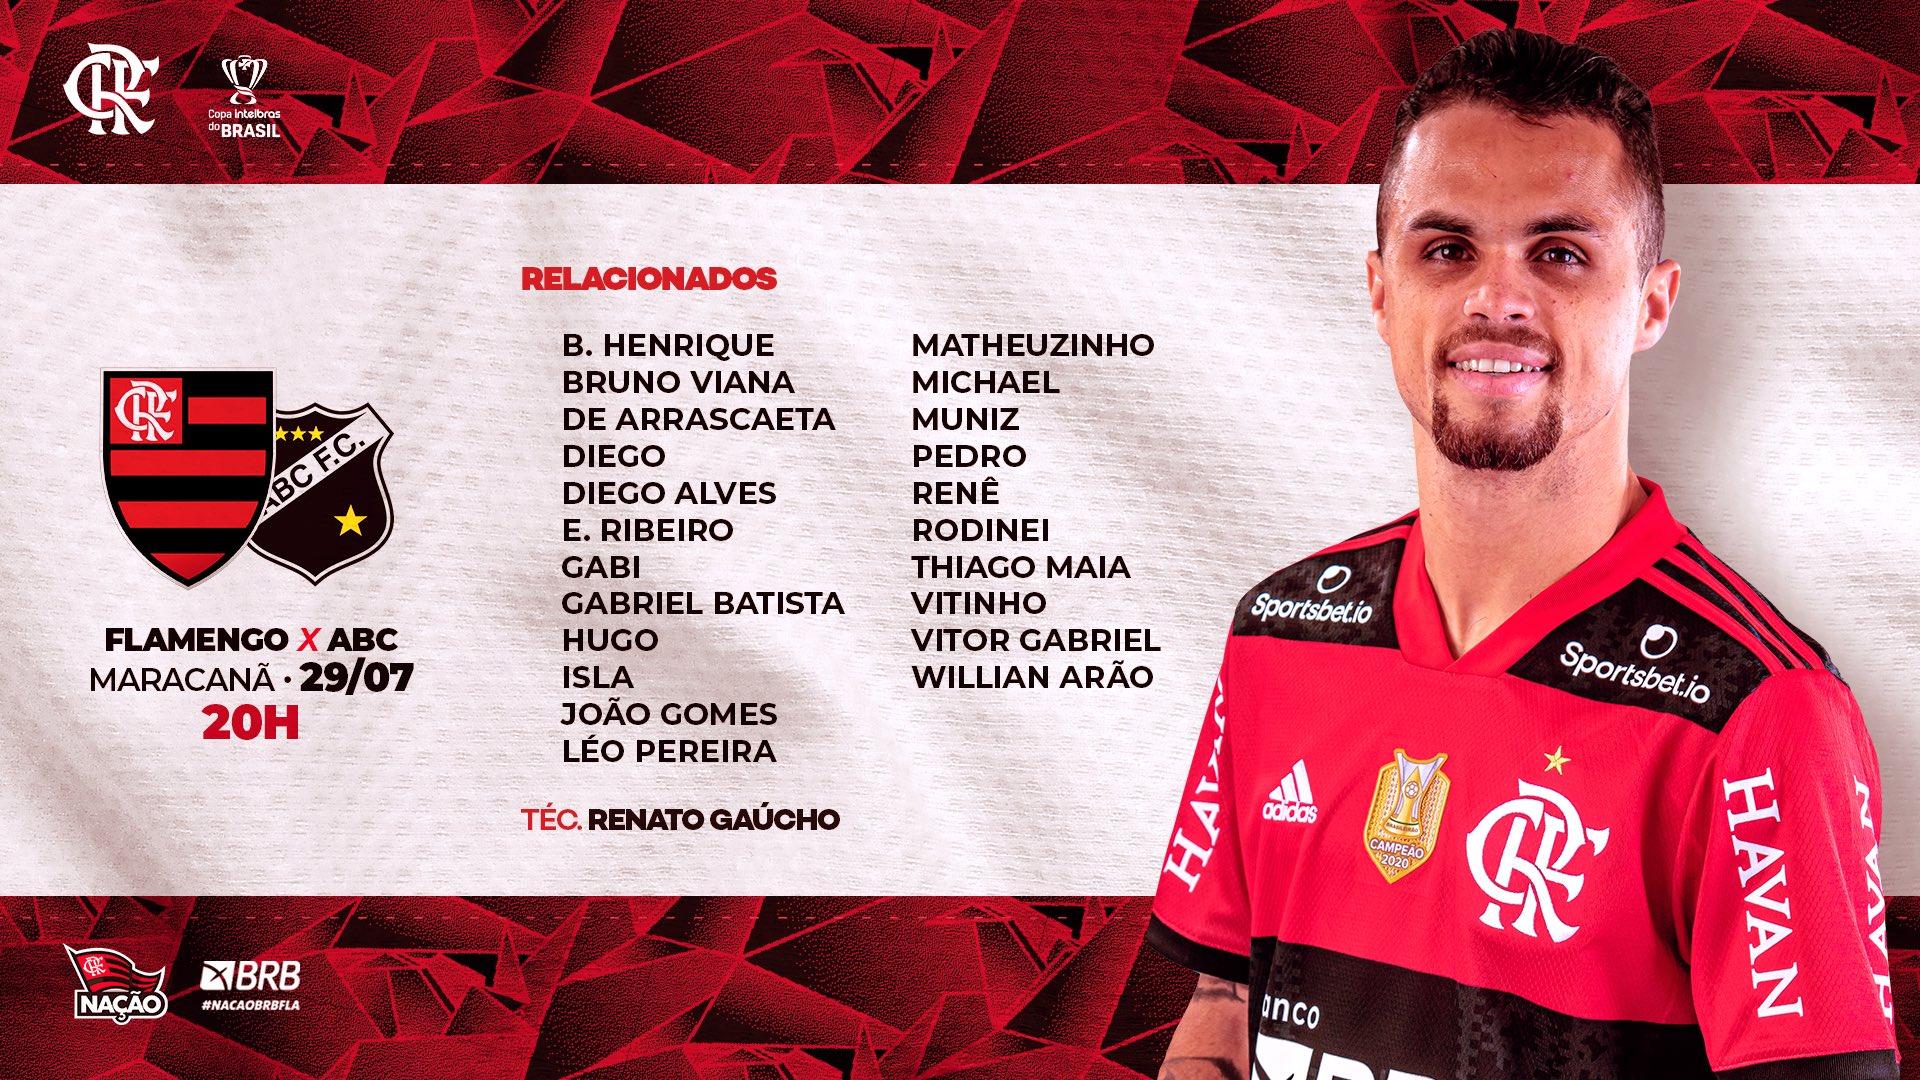 Flamengo divulga lista de relacionados para jogo contra o ABC de Natal pelas oitavas de final da Copa do Brasil